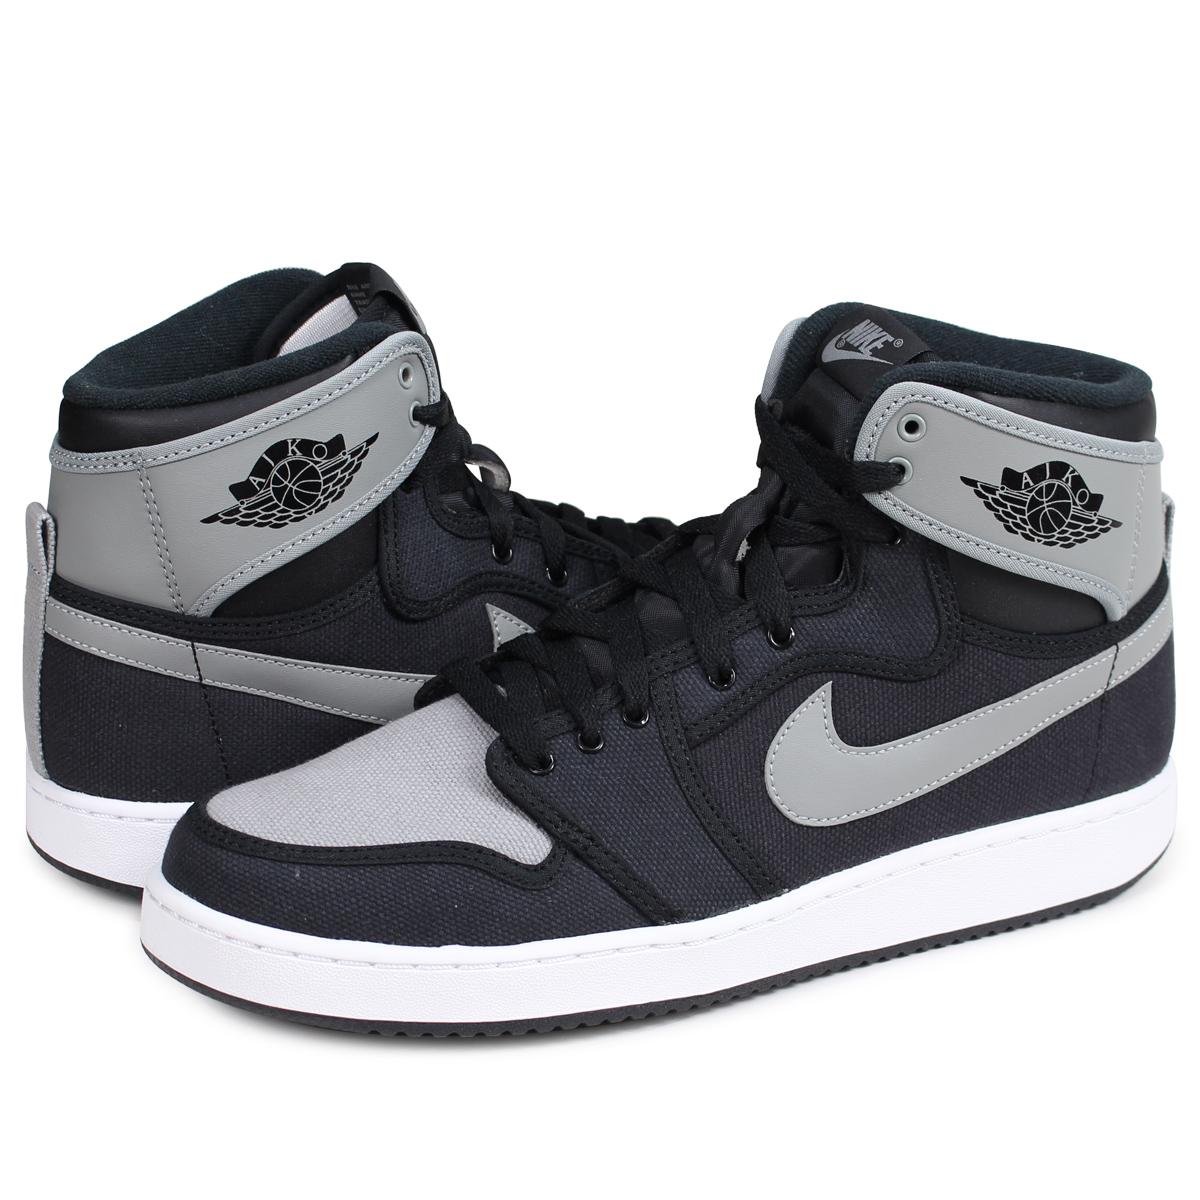 Nike 1 638471 Men's Hi Grey Og Sneakers Jordan Air 003 Shoes Black Ko Retro XwPkOiuTlZ